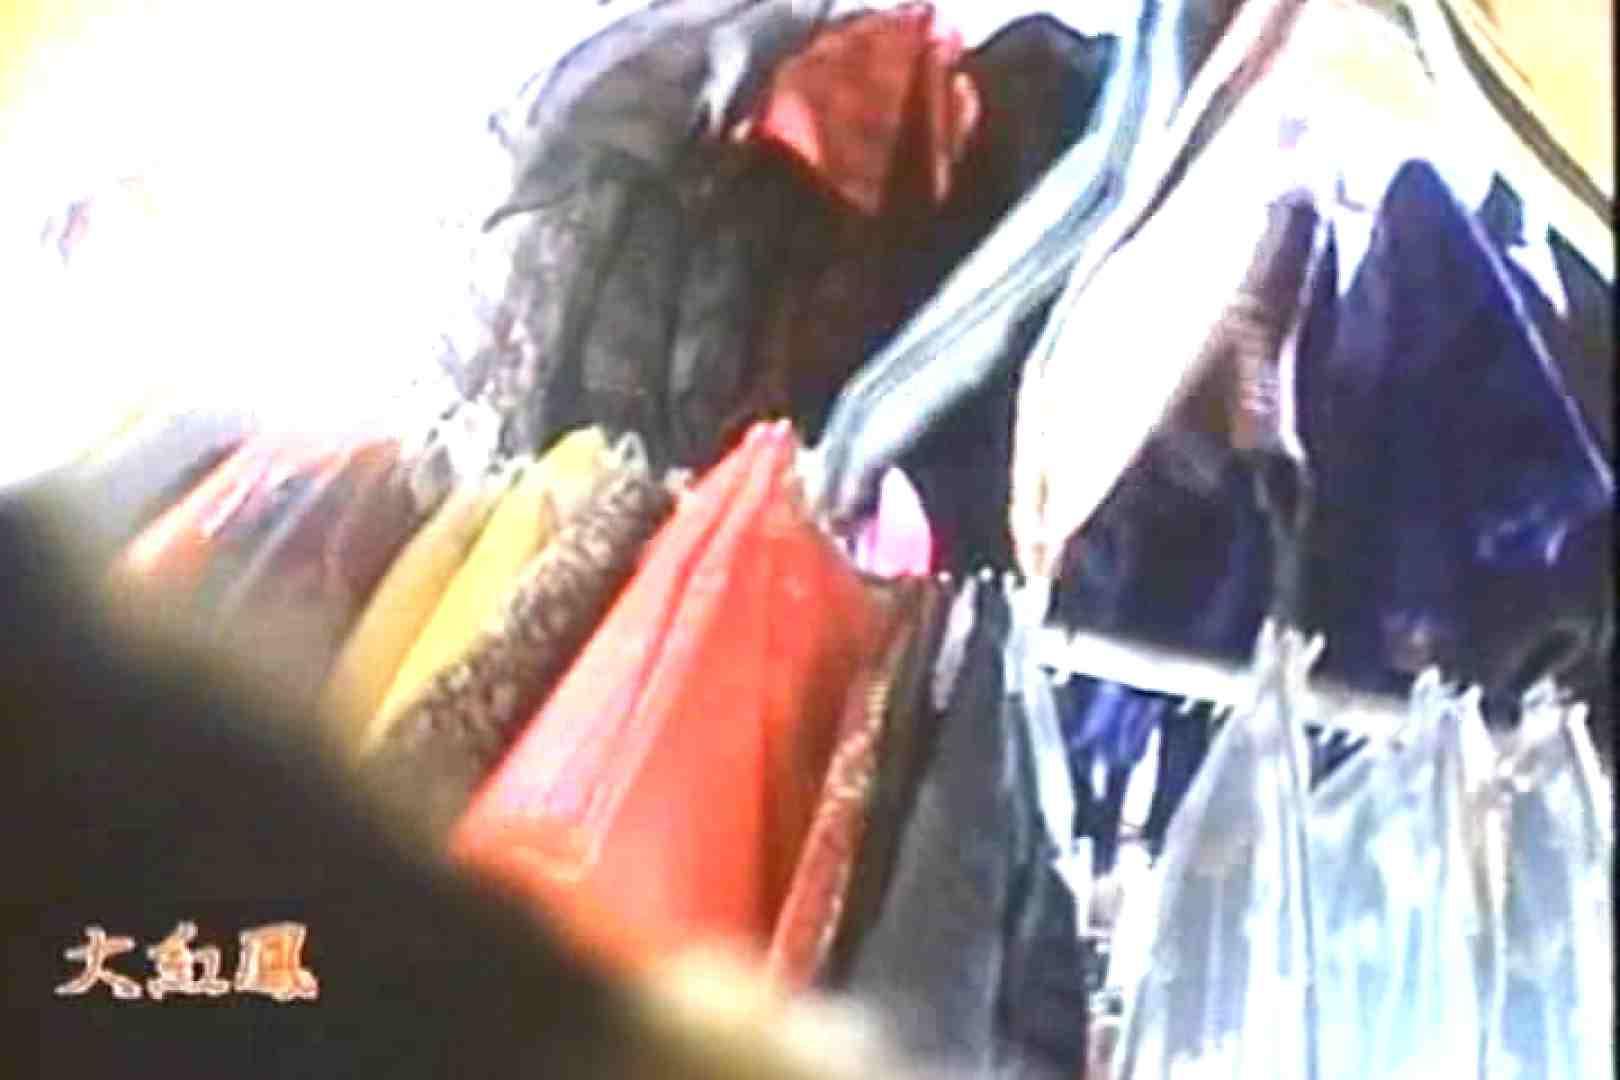 究極カリスマショップ逆さ撮り 完全保存版02 覗き 隠し撮りオマンコ動画紹介 58PIX 15